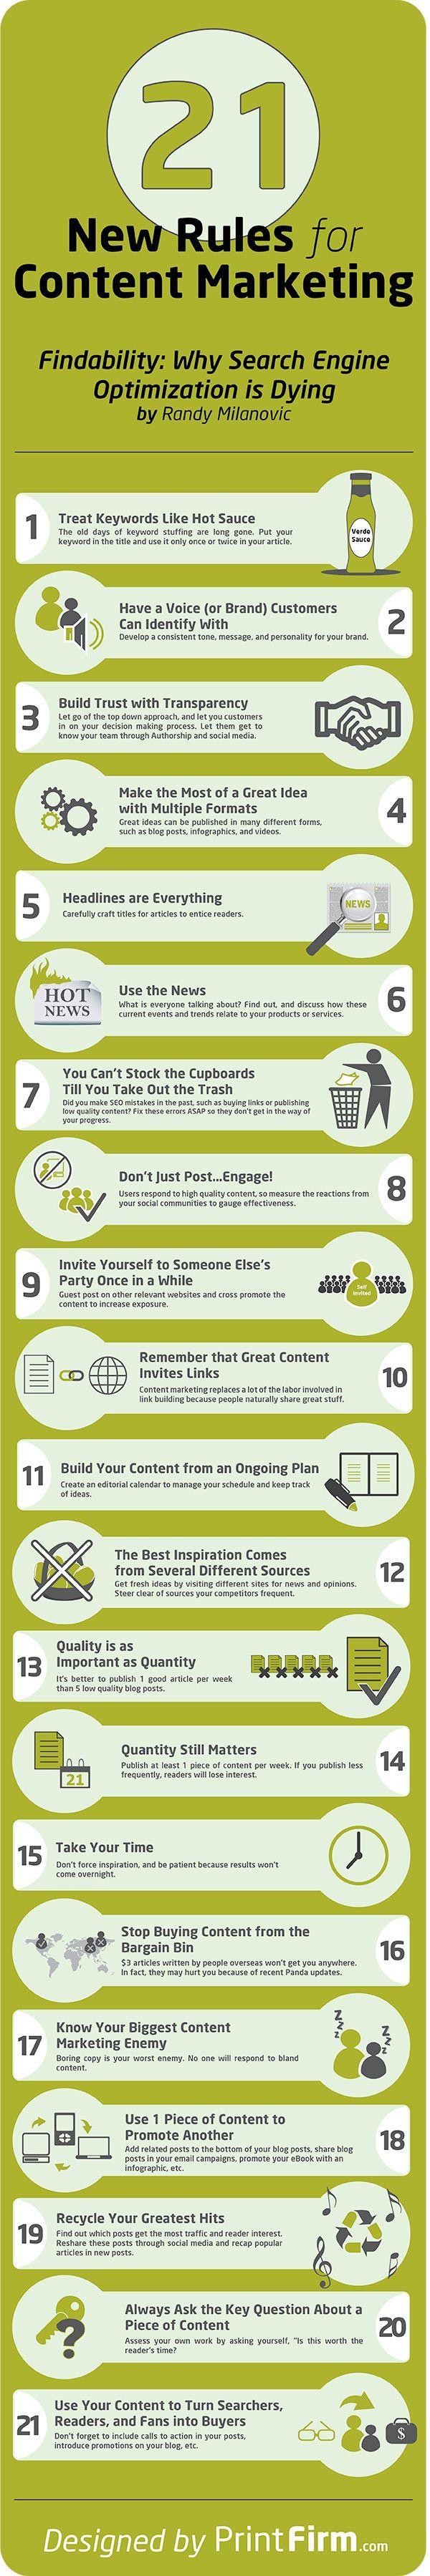 21 New Rules for #ContentMarketing #infographic image by @PrintFirm.com.com via http://blog.printfirm.com